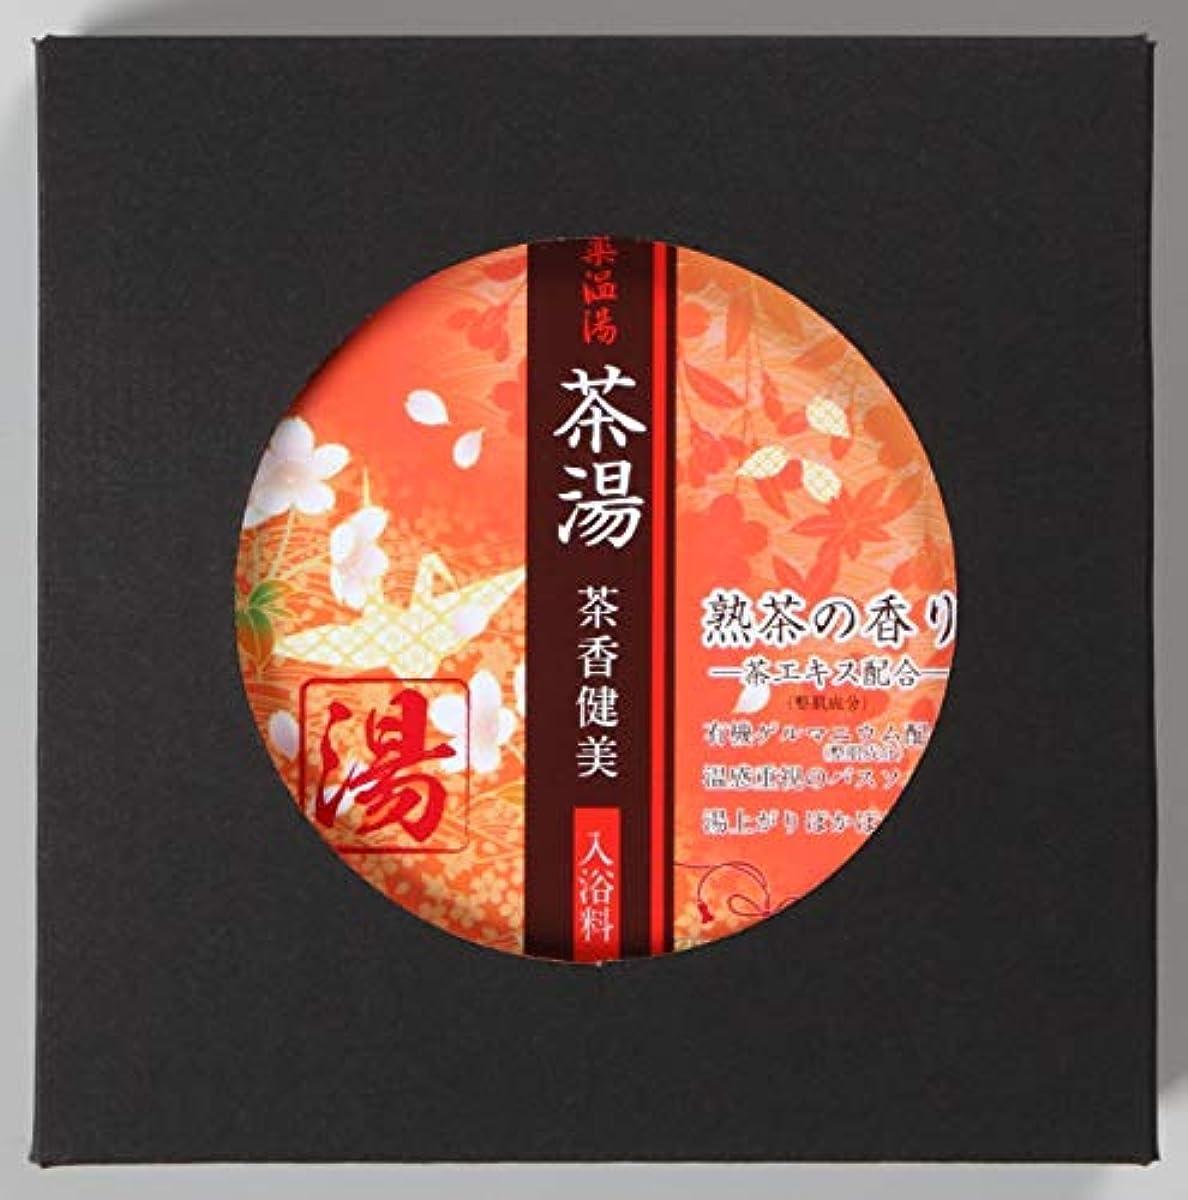 オペラケント壊滅的な薬温湯 茶湯 入浴料 熟茶の香り POF-10J